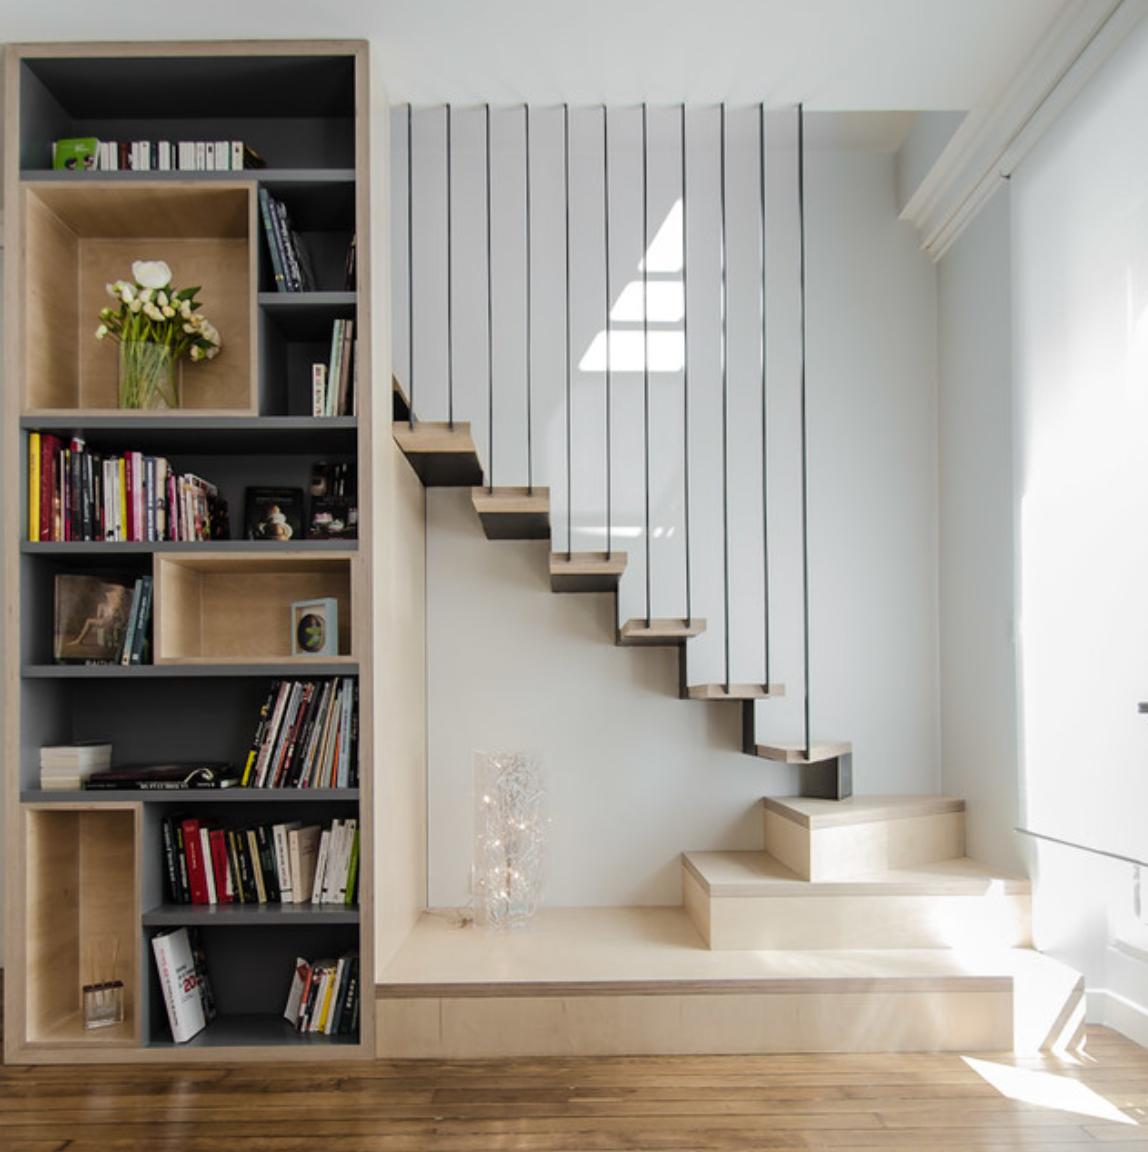 Barriere Escalier En Colimaçon barrière escalier | escalier design